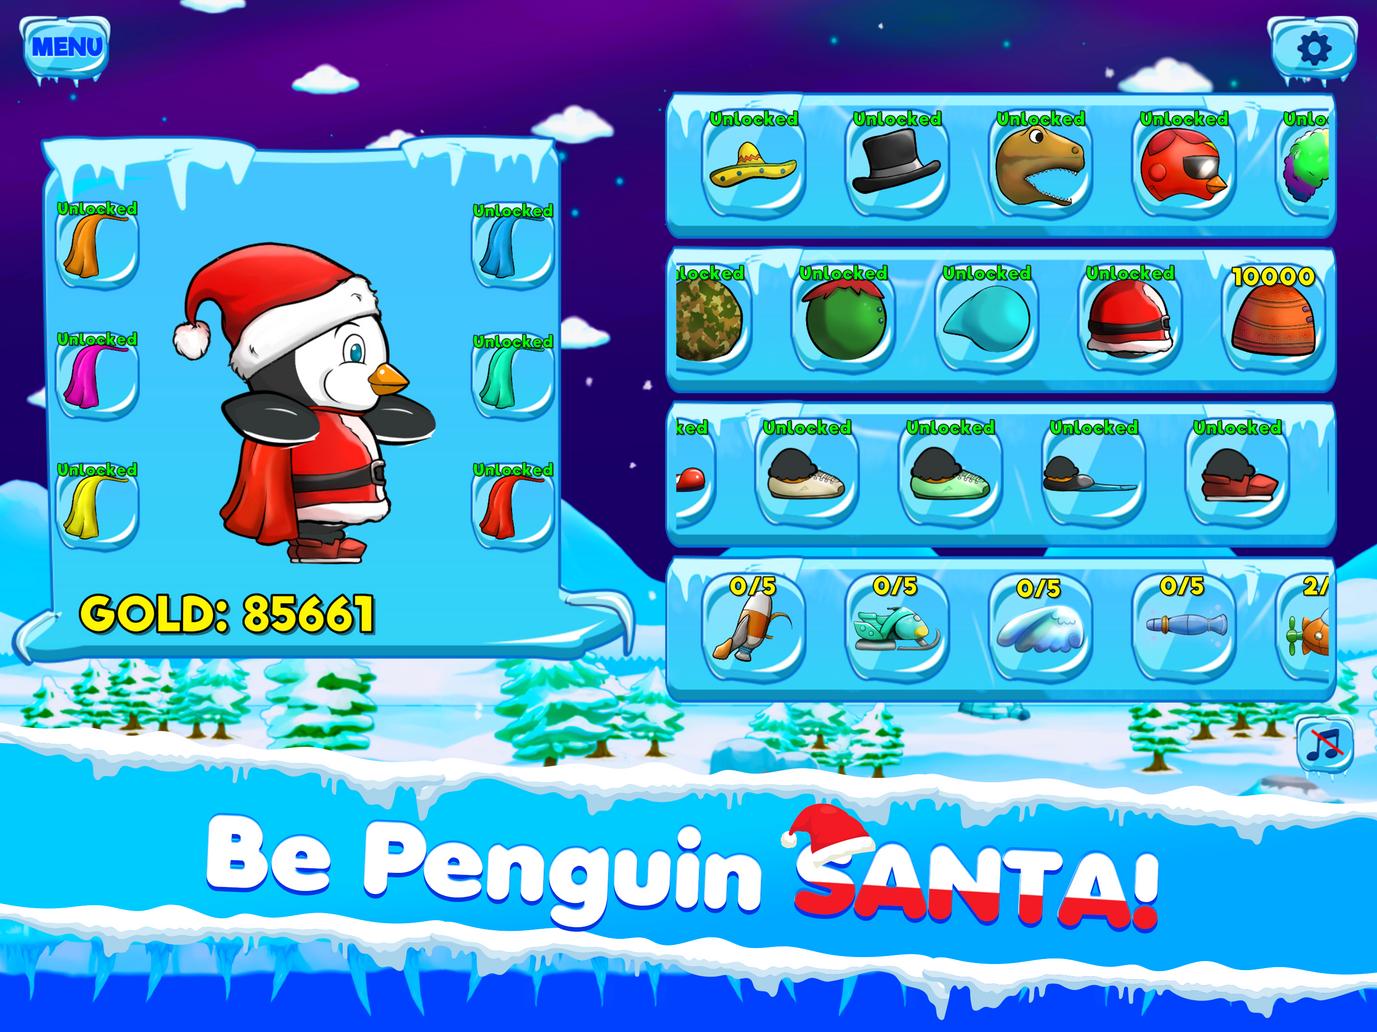 Be Penguin Santa